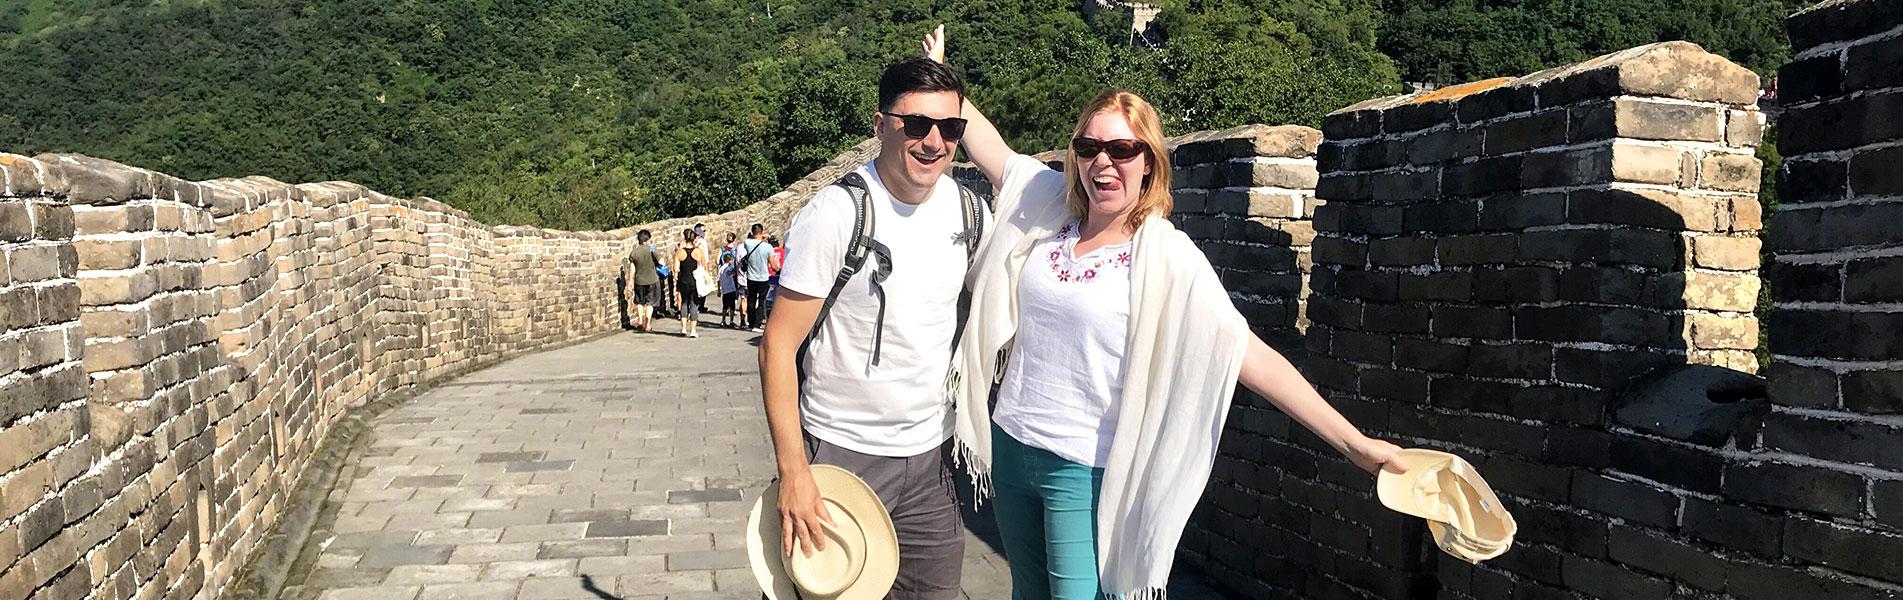 China Expat Tours